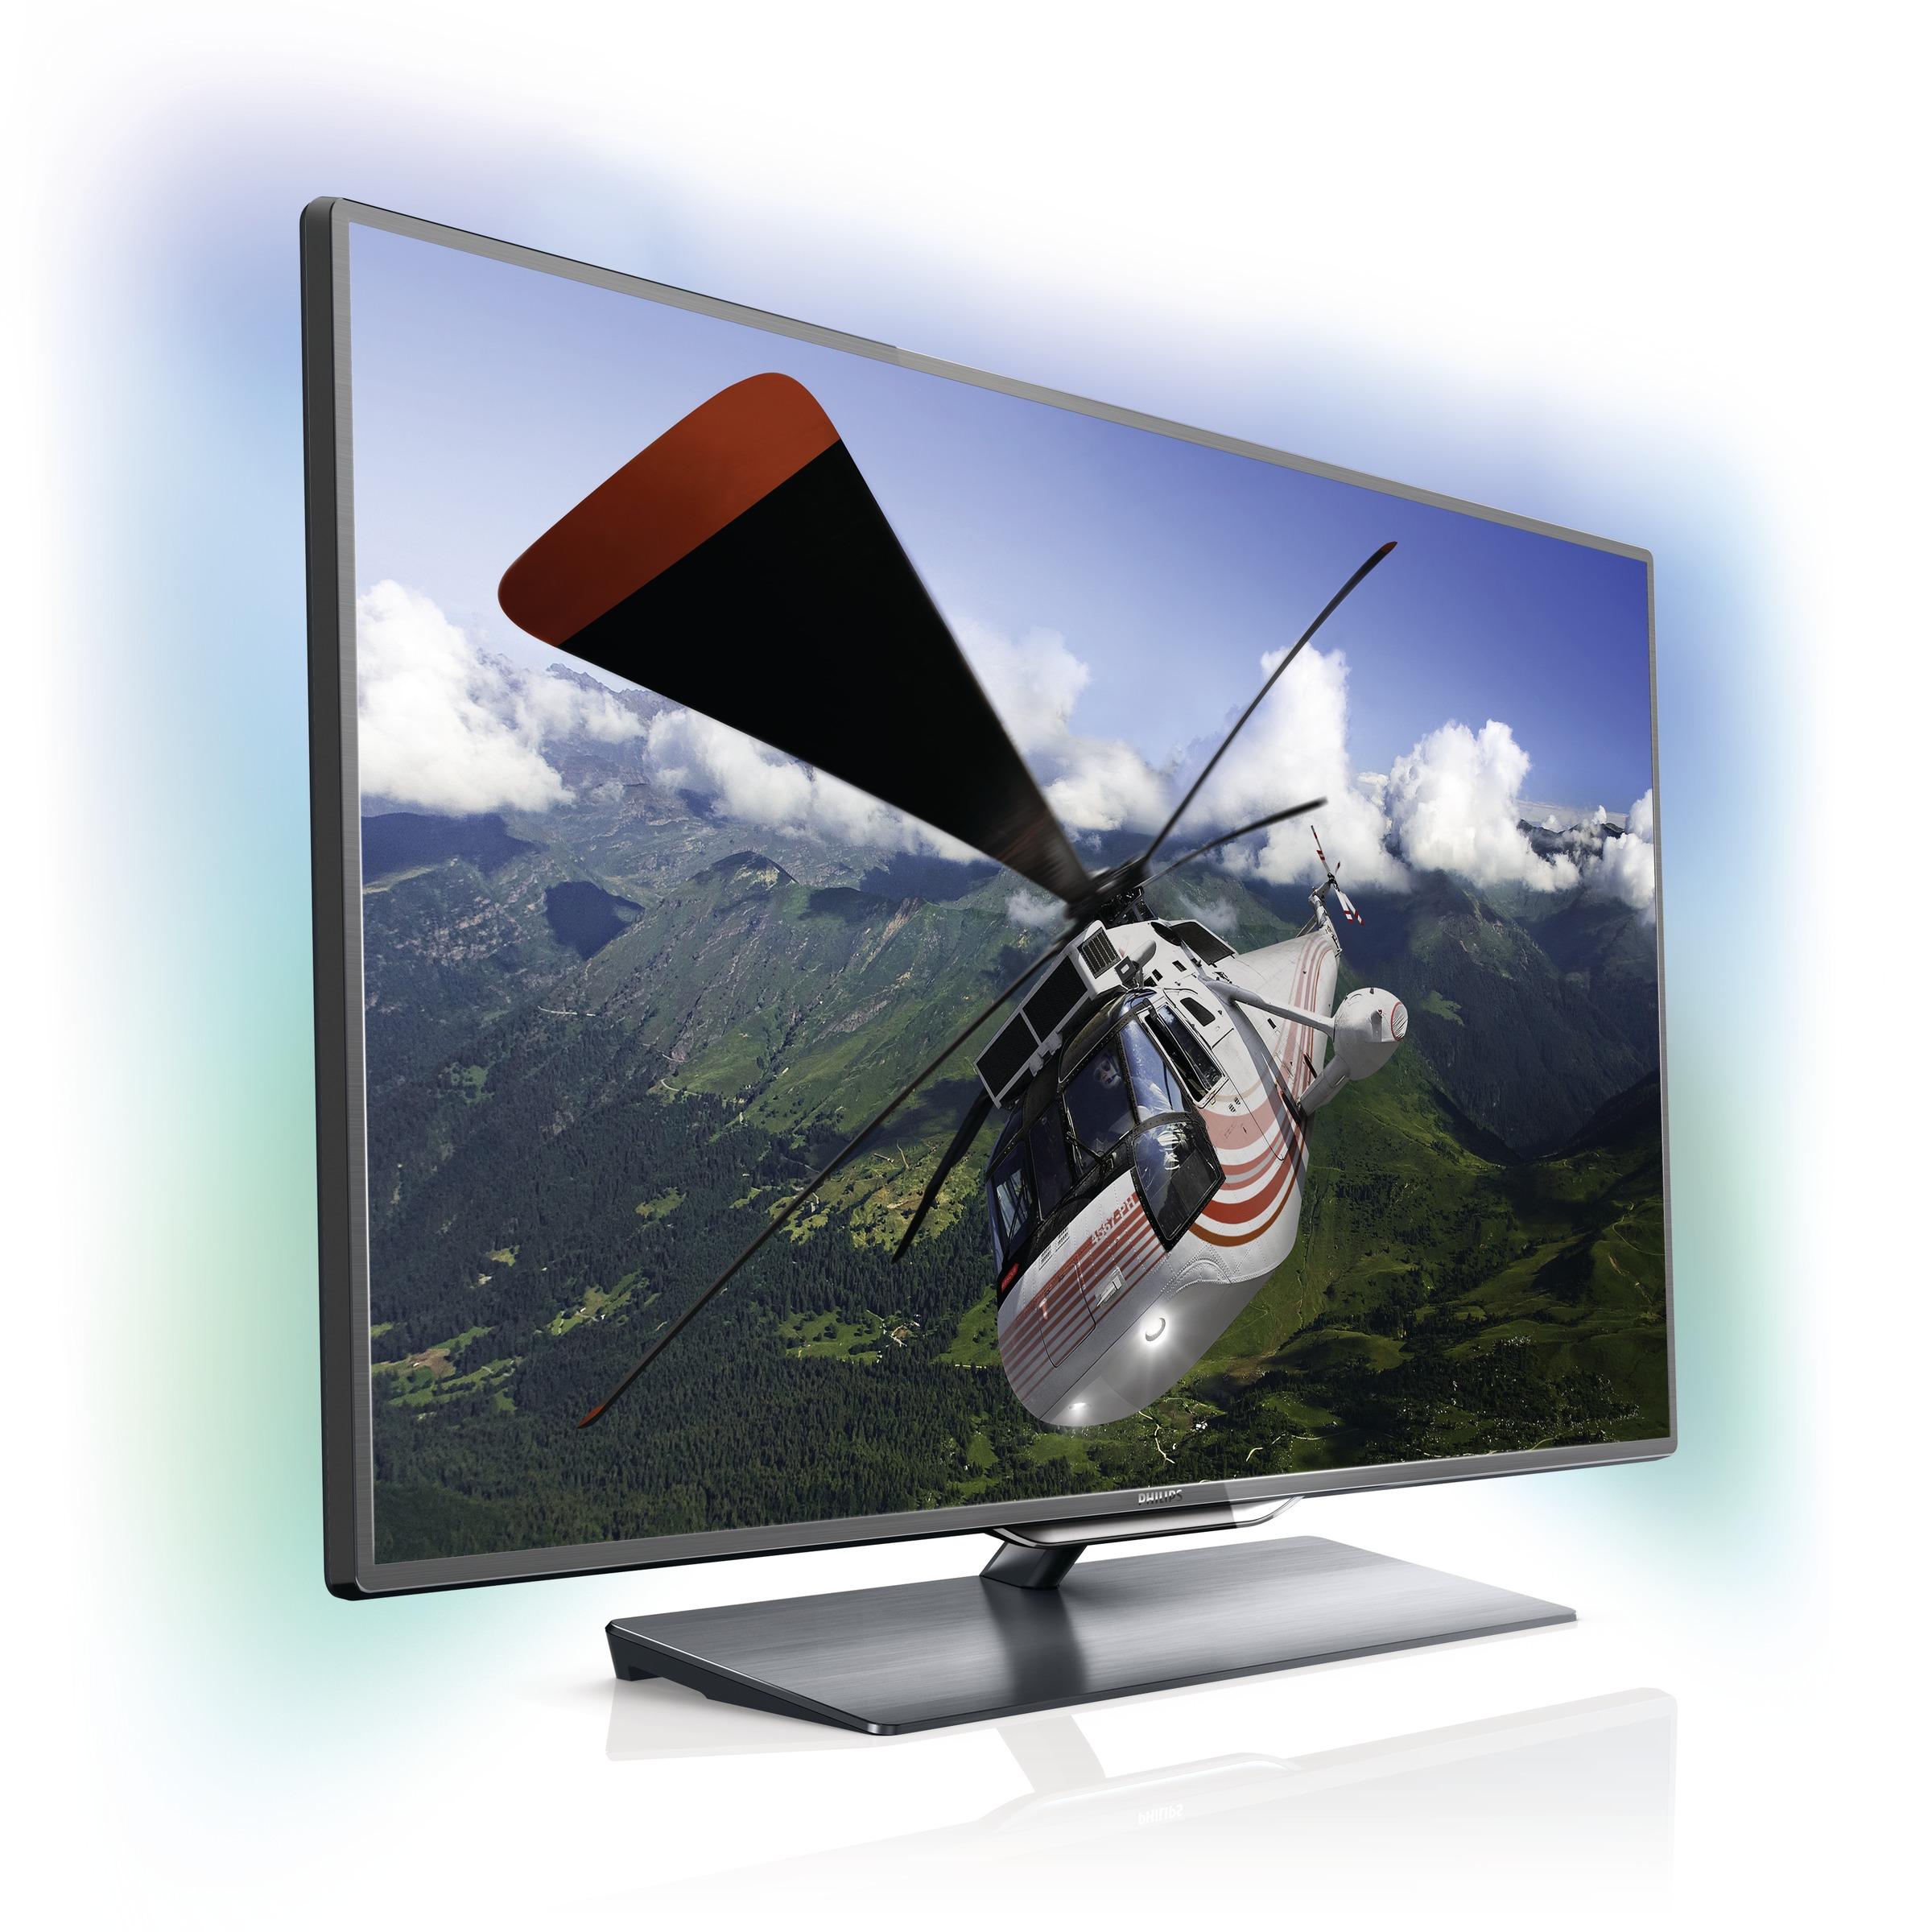 TP Vision îşi începe operaţiunile prin comercializarea televizoarelor Philips în Europa Centrală şi de Est